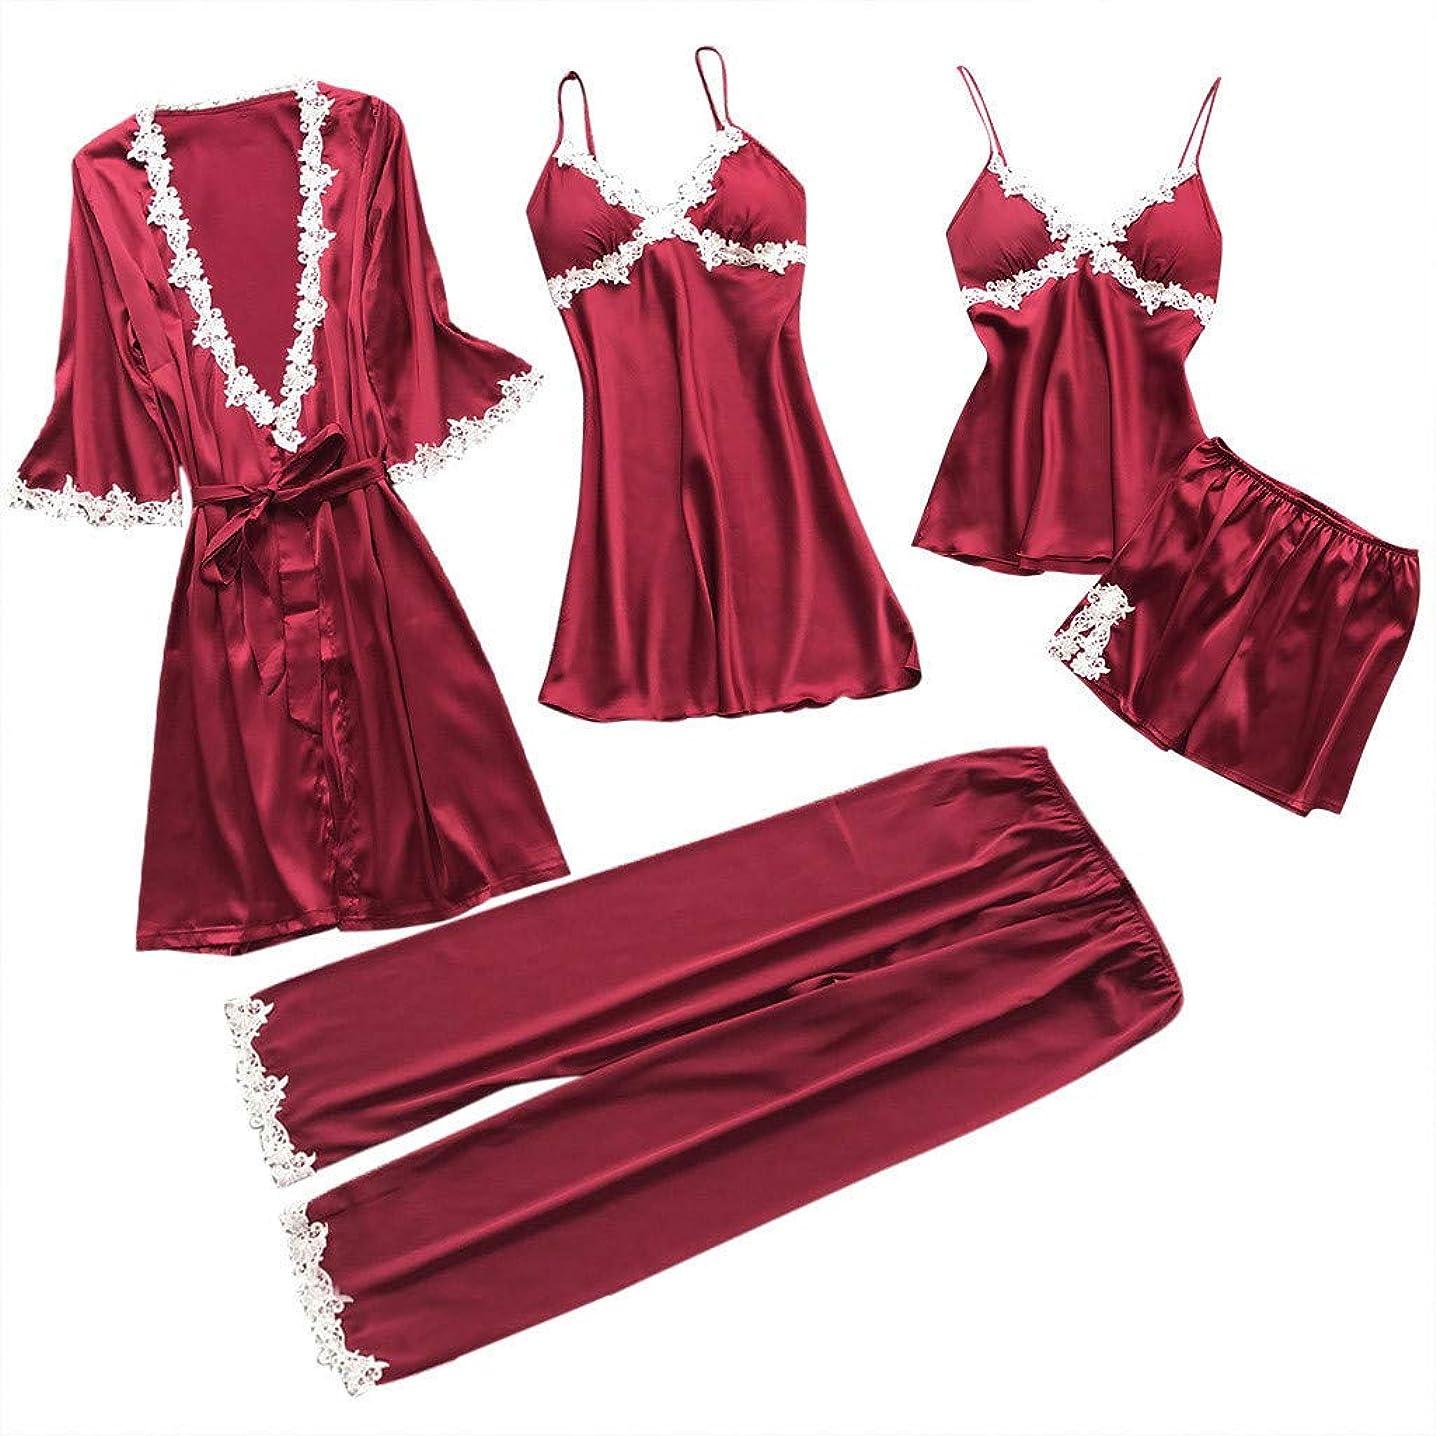 Women Lace Lingerie,Fitfulvan Sexy Nightwear Underwear Babydoll Sleepwear Dress 5PC Suit